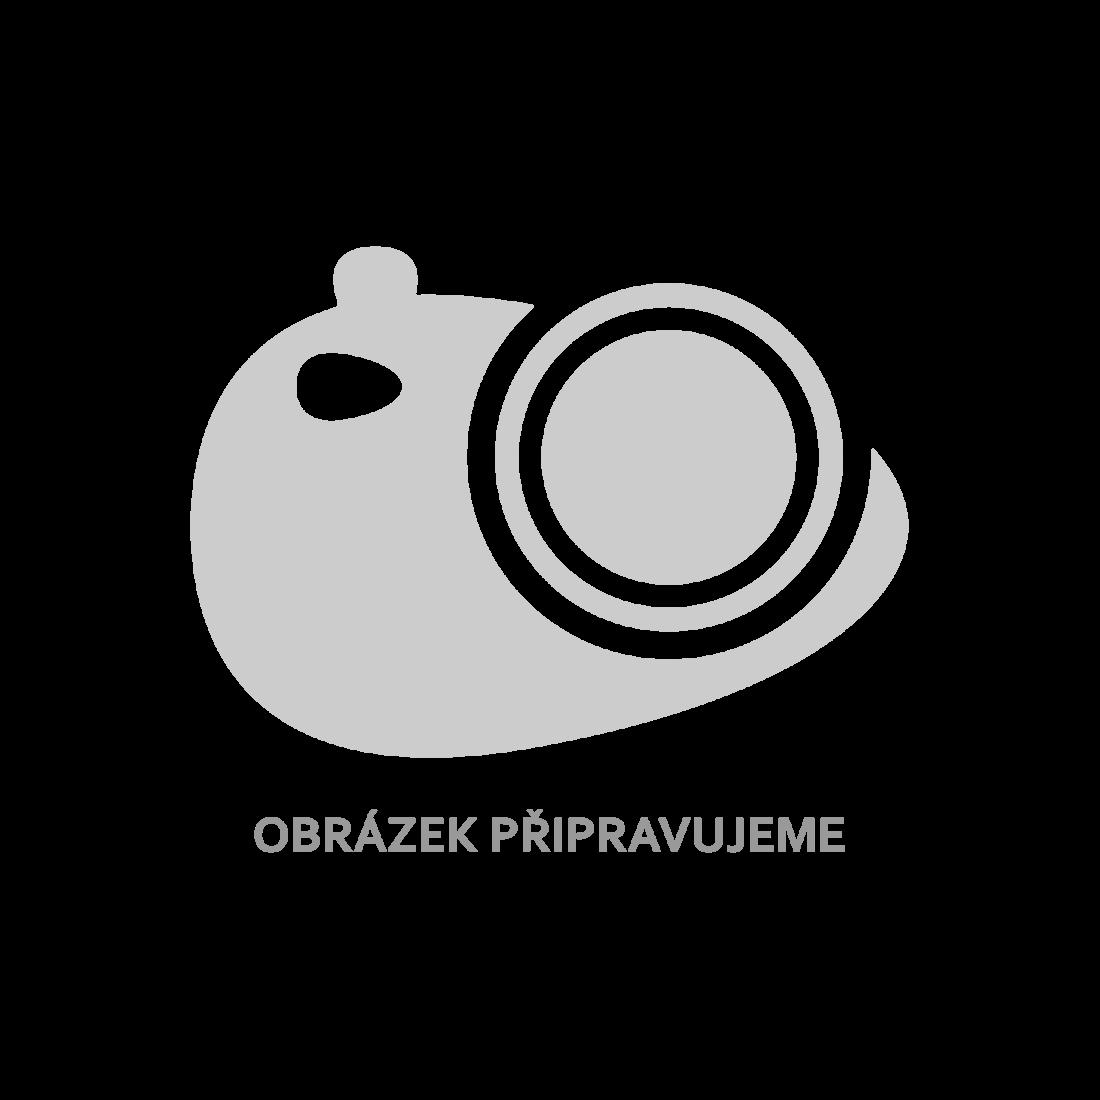 vidaXL Zahradní stůl bílý 90 x 90 x 73 cm litý hliník [315590]